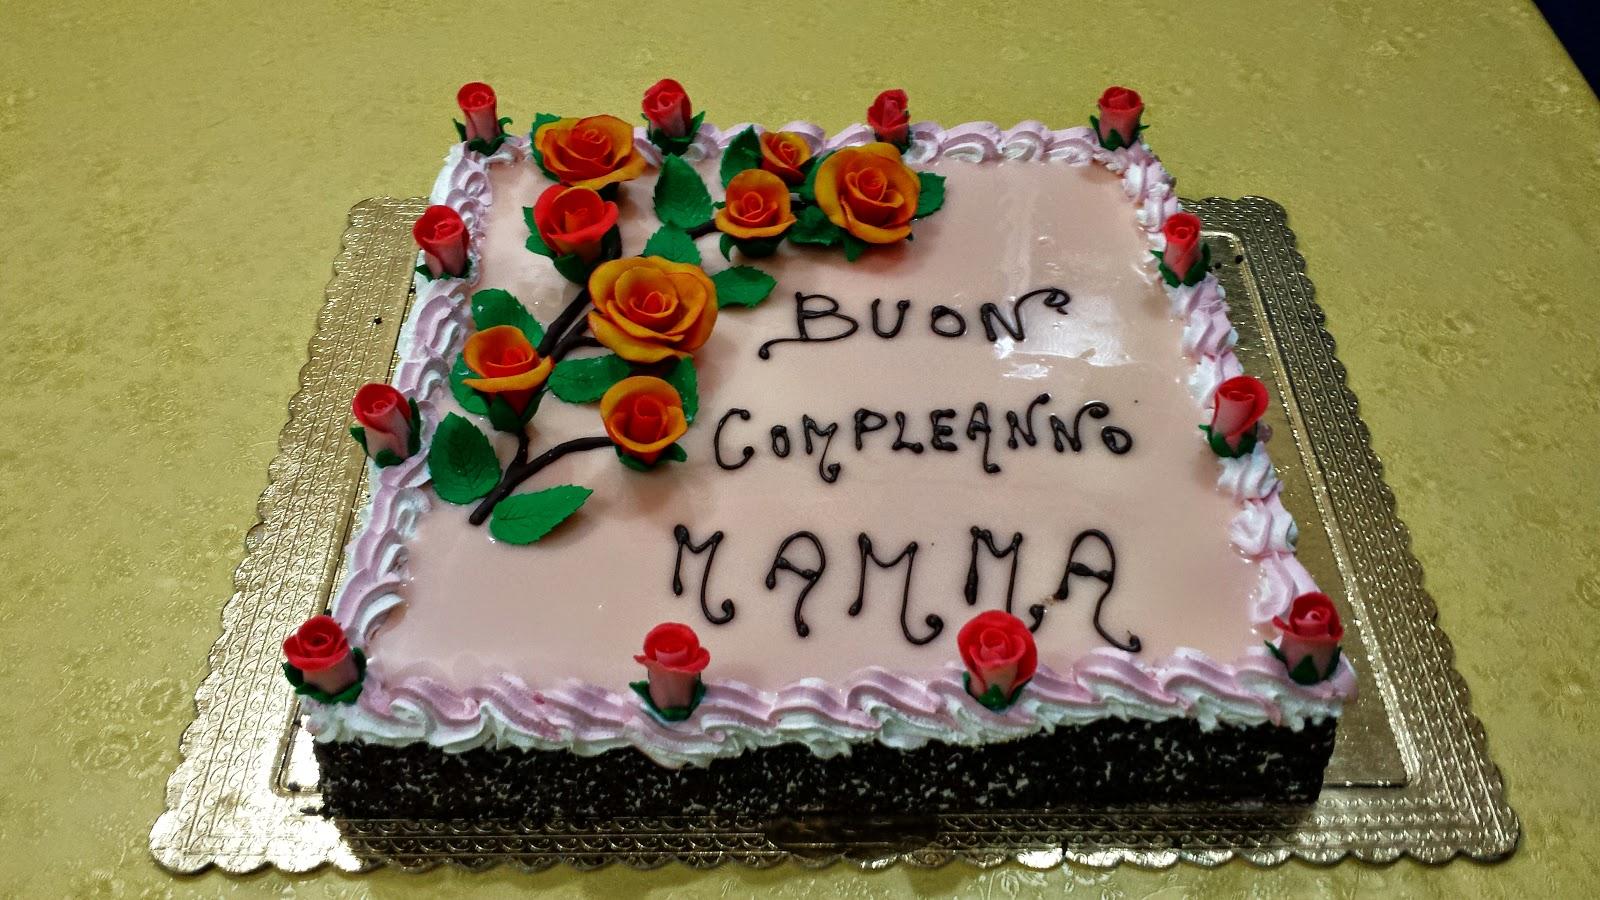 Foto Torta Compleanno Mamma.Passione Torte Torta Compleanno Mamma